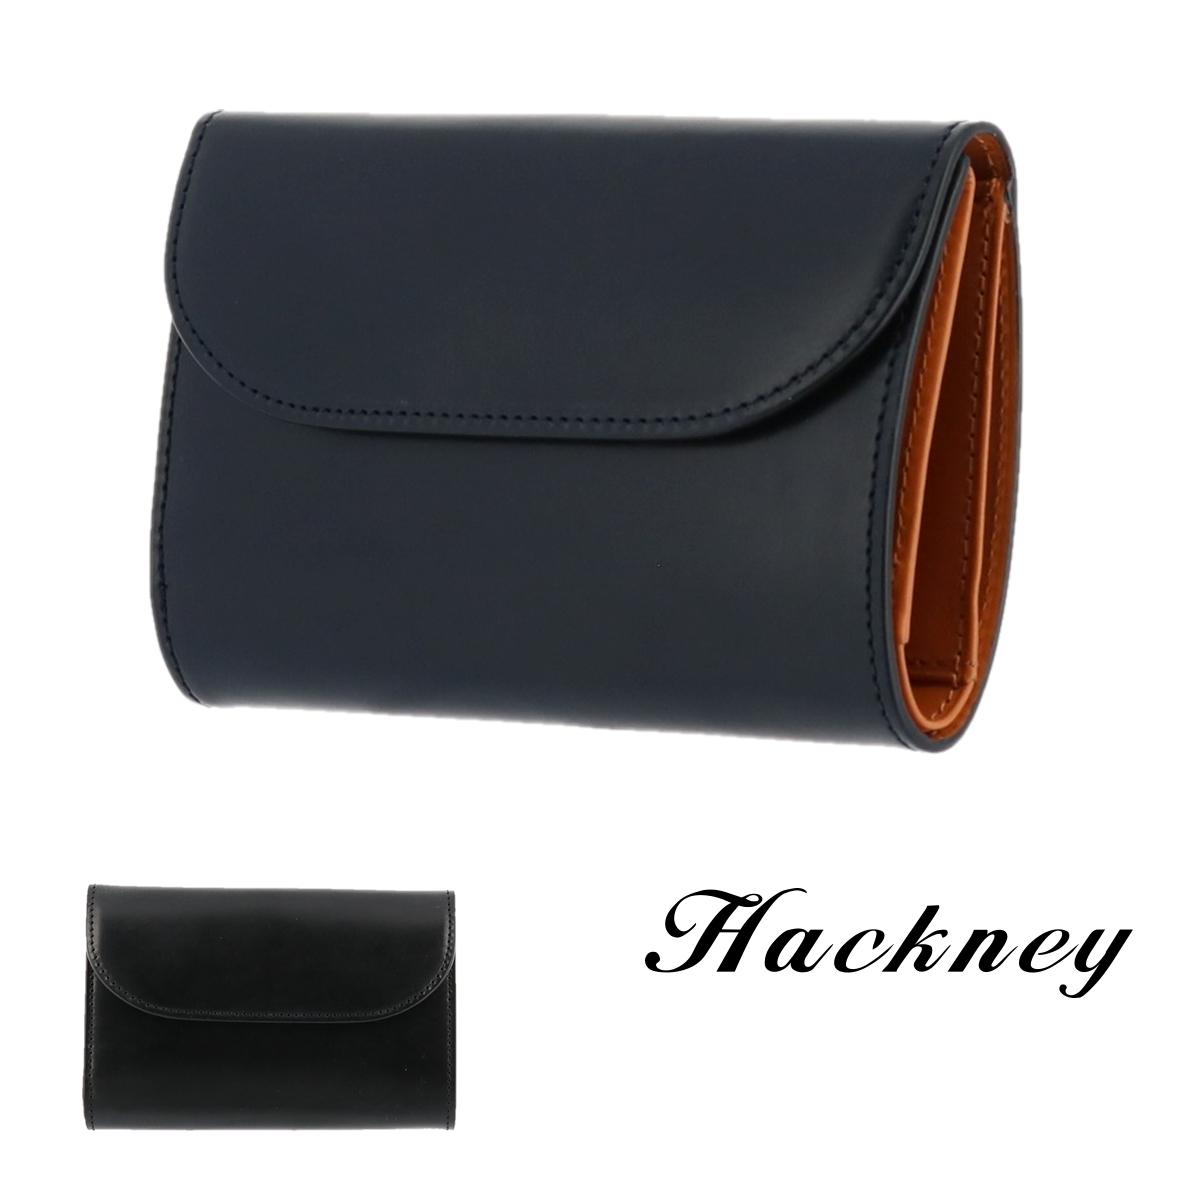 ハックニー Hackney 三つ折り財布 HK-004 【 ブライドルレザー 財布 イタリアンレザー メンズ 】【bef】